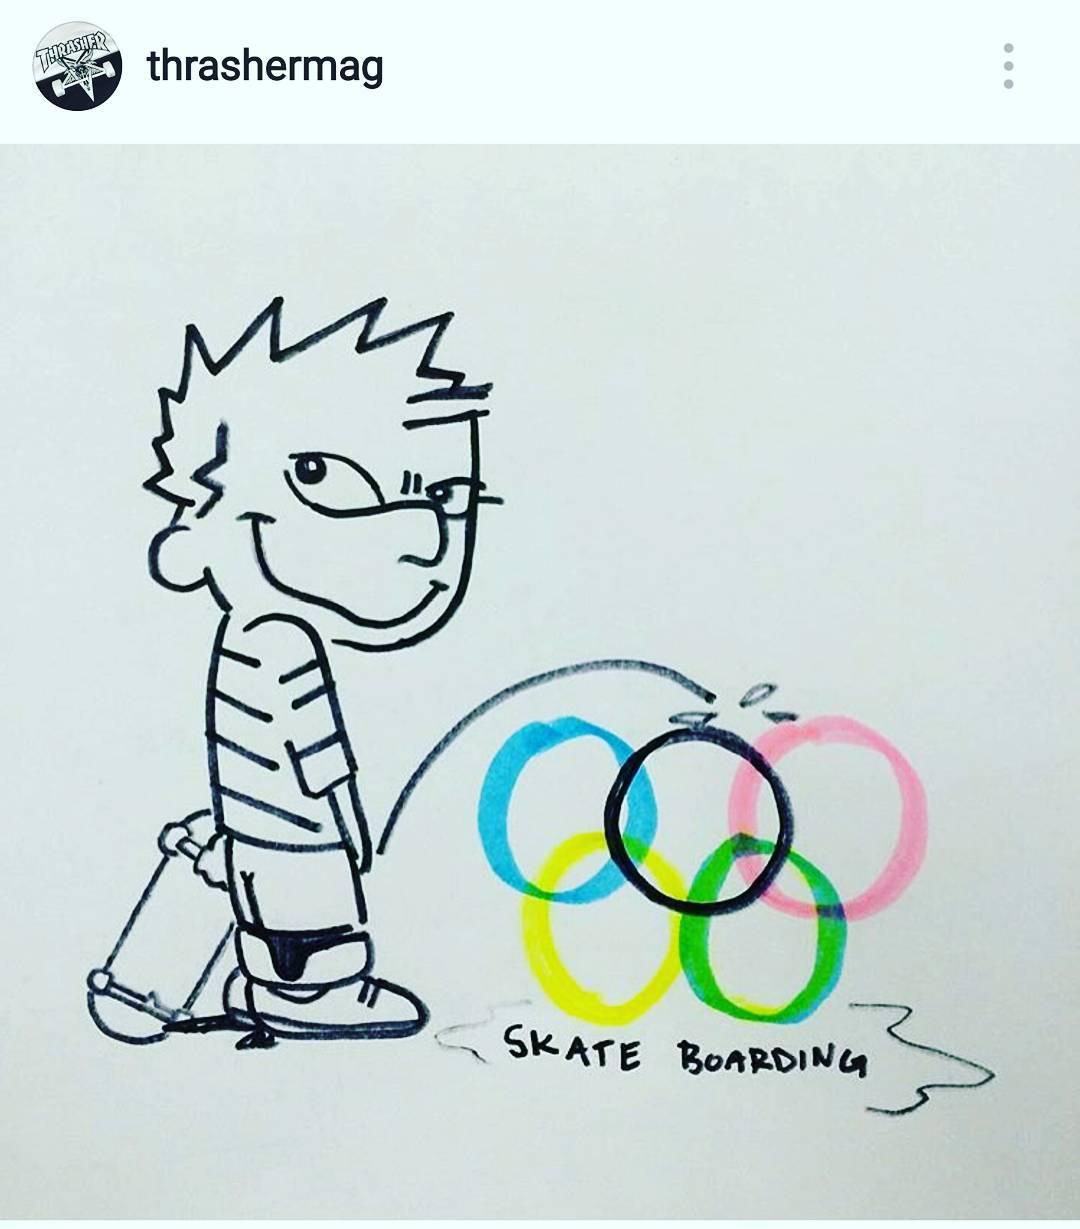 Finalmente el #skateboarding será #olimpico en 2020, qué opinás ..?!? @thrashermag ya dejó claro que no le gusta ... y a VOS ..?!?